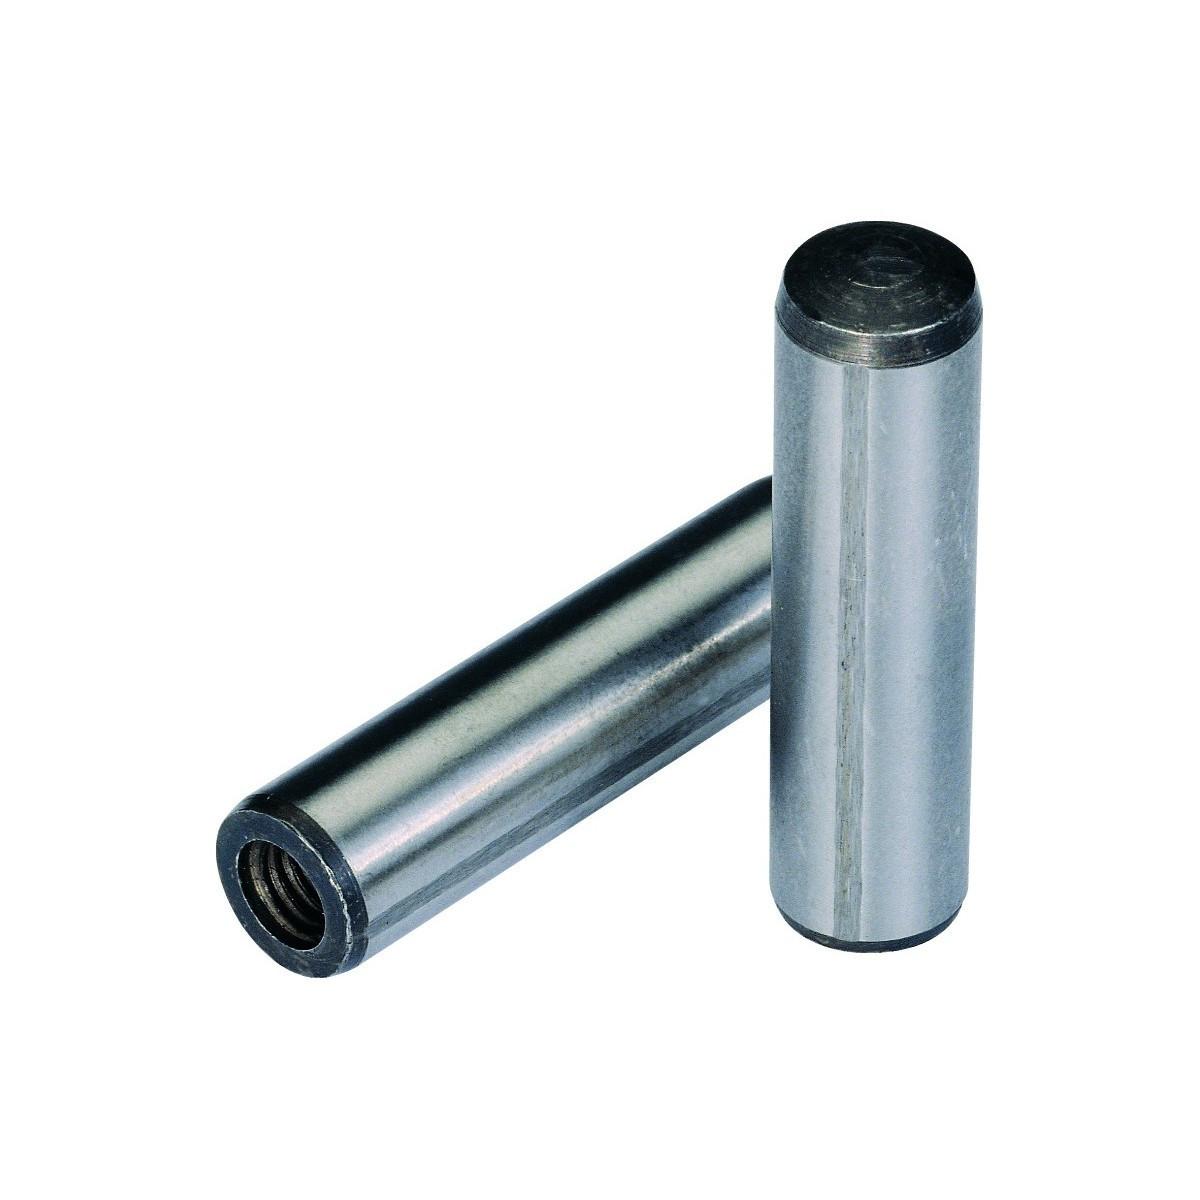 Штифт циліндричний MMG DIN 7979D M12 х 60 Клас 10.9 (Фосфат) 1 шт